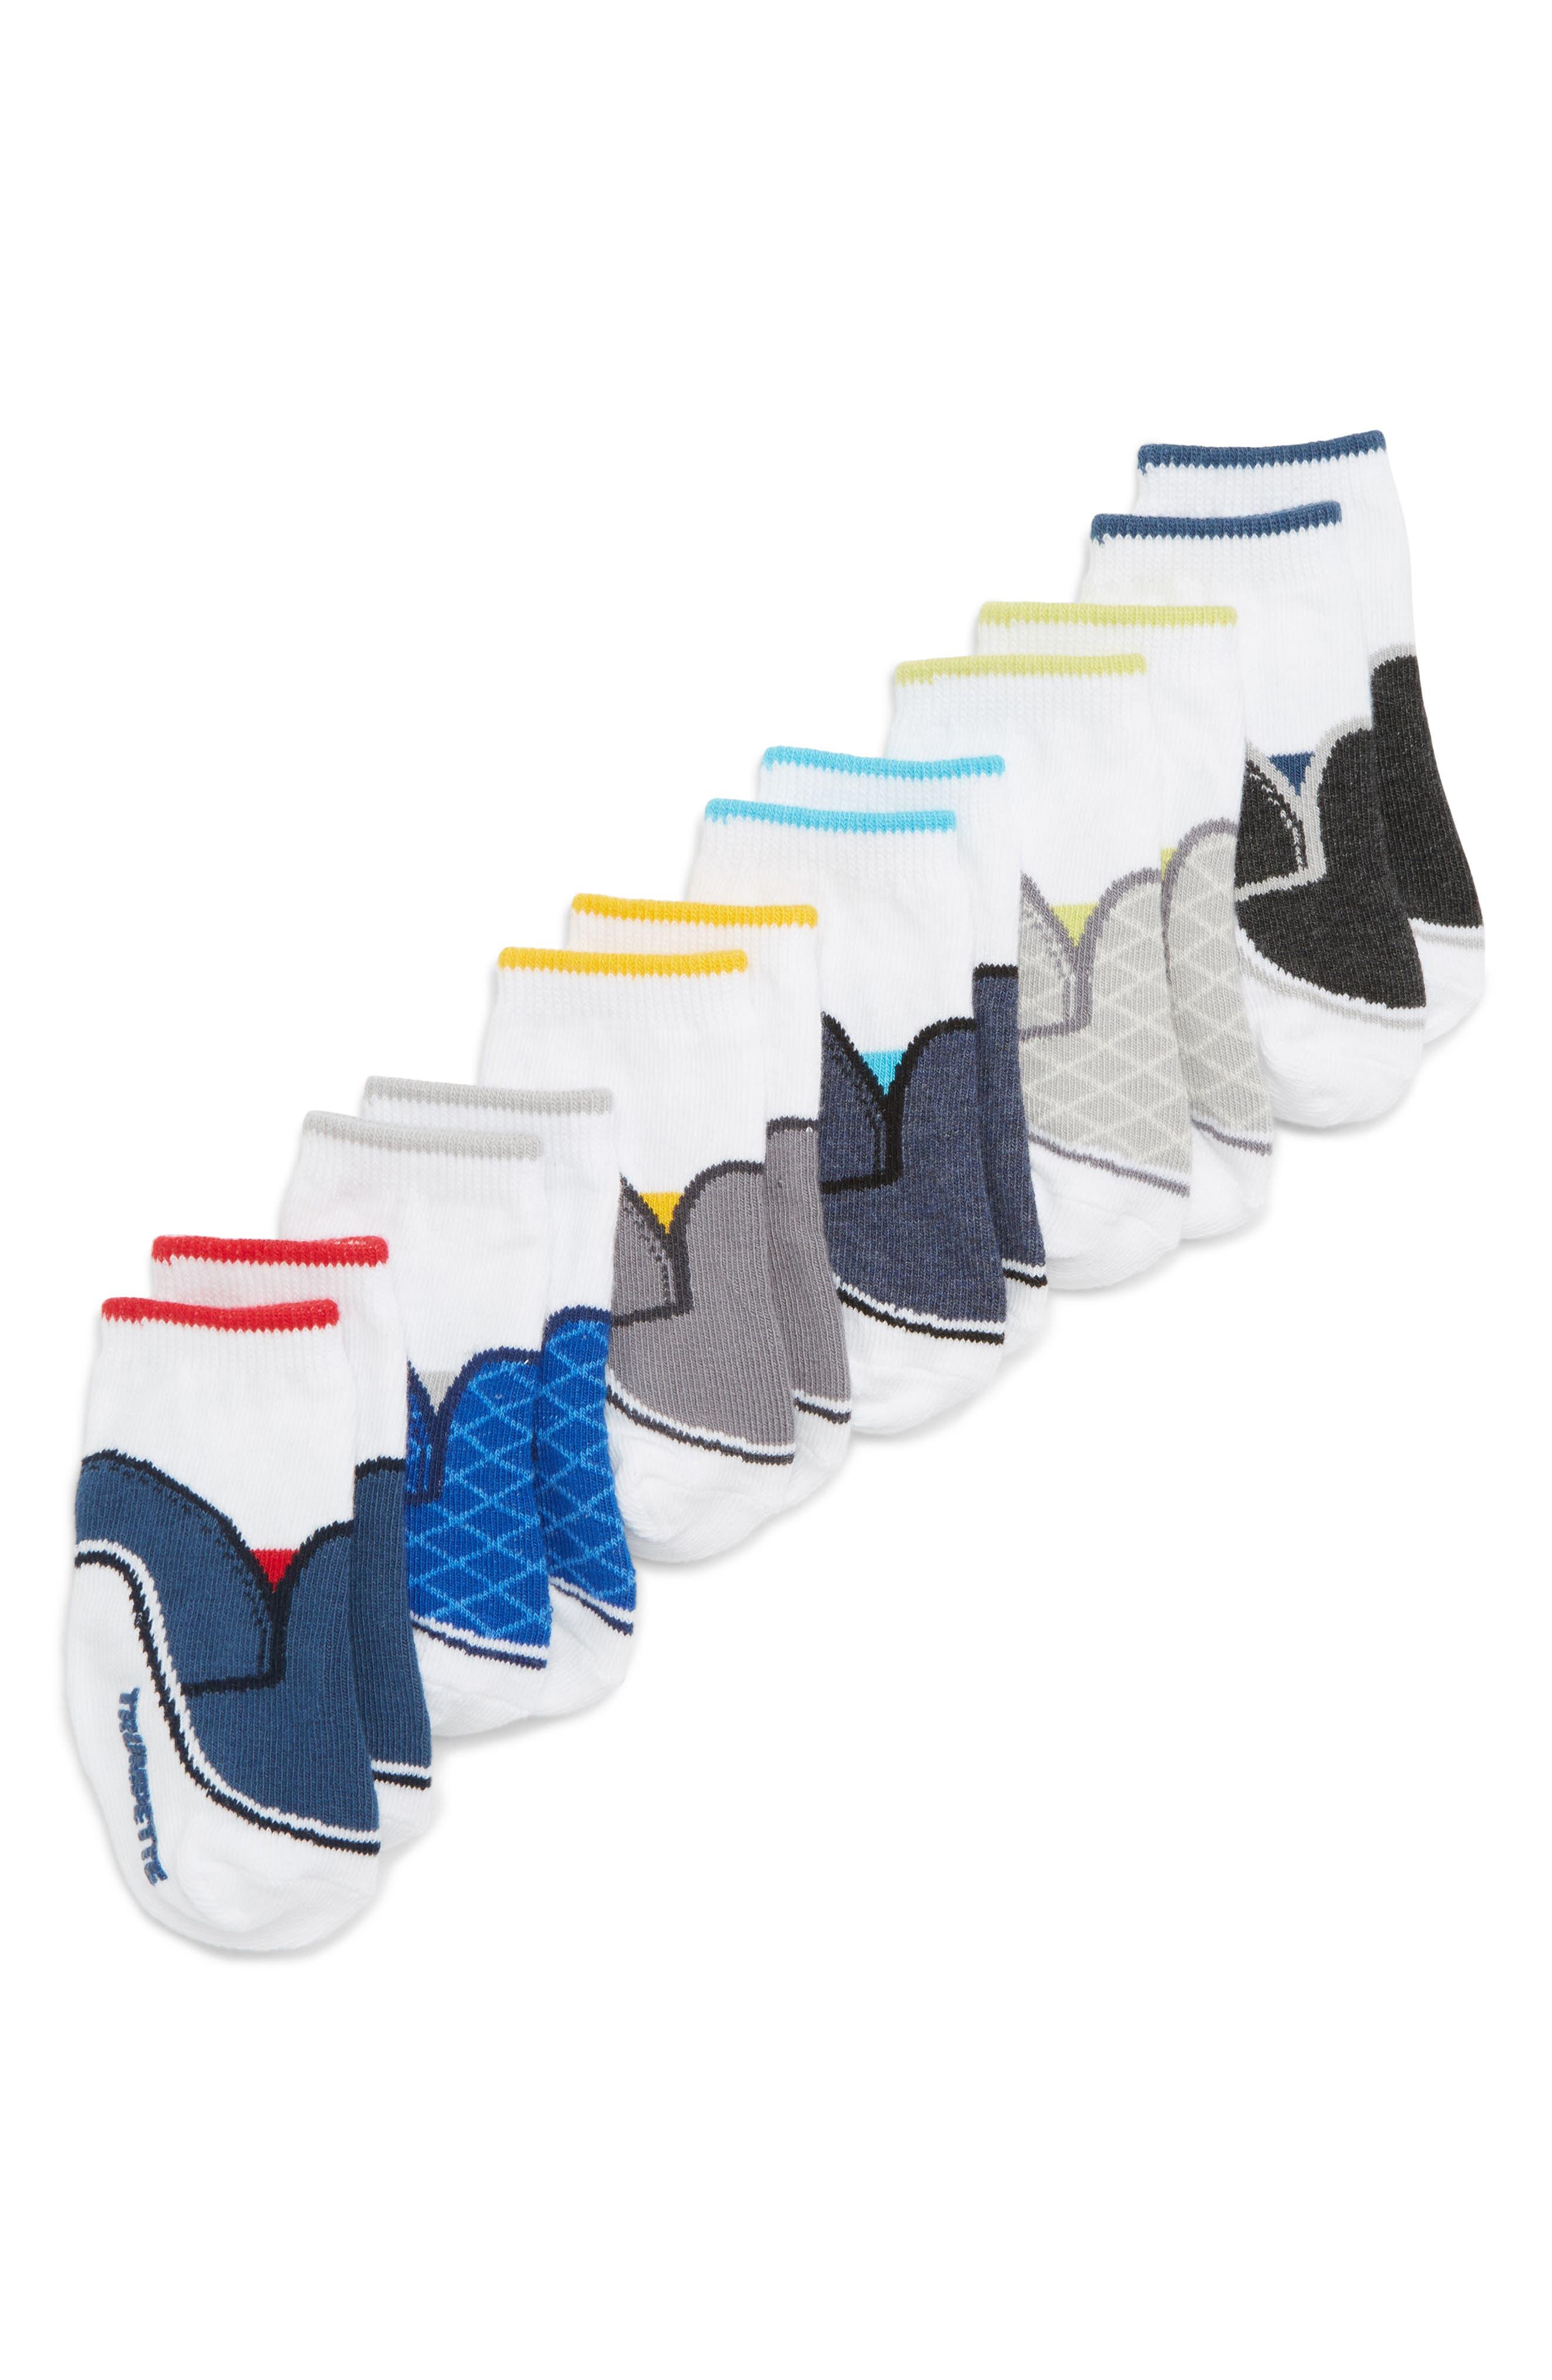 Preston 6-Pack Socks,                             Alternate thumbnail 2, color,                             ASSORTED NEUTRAL